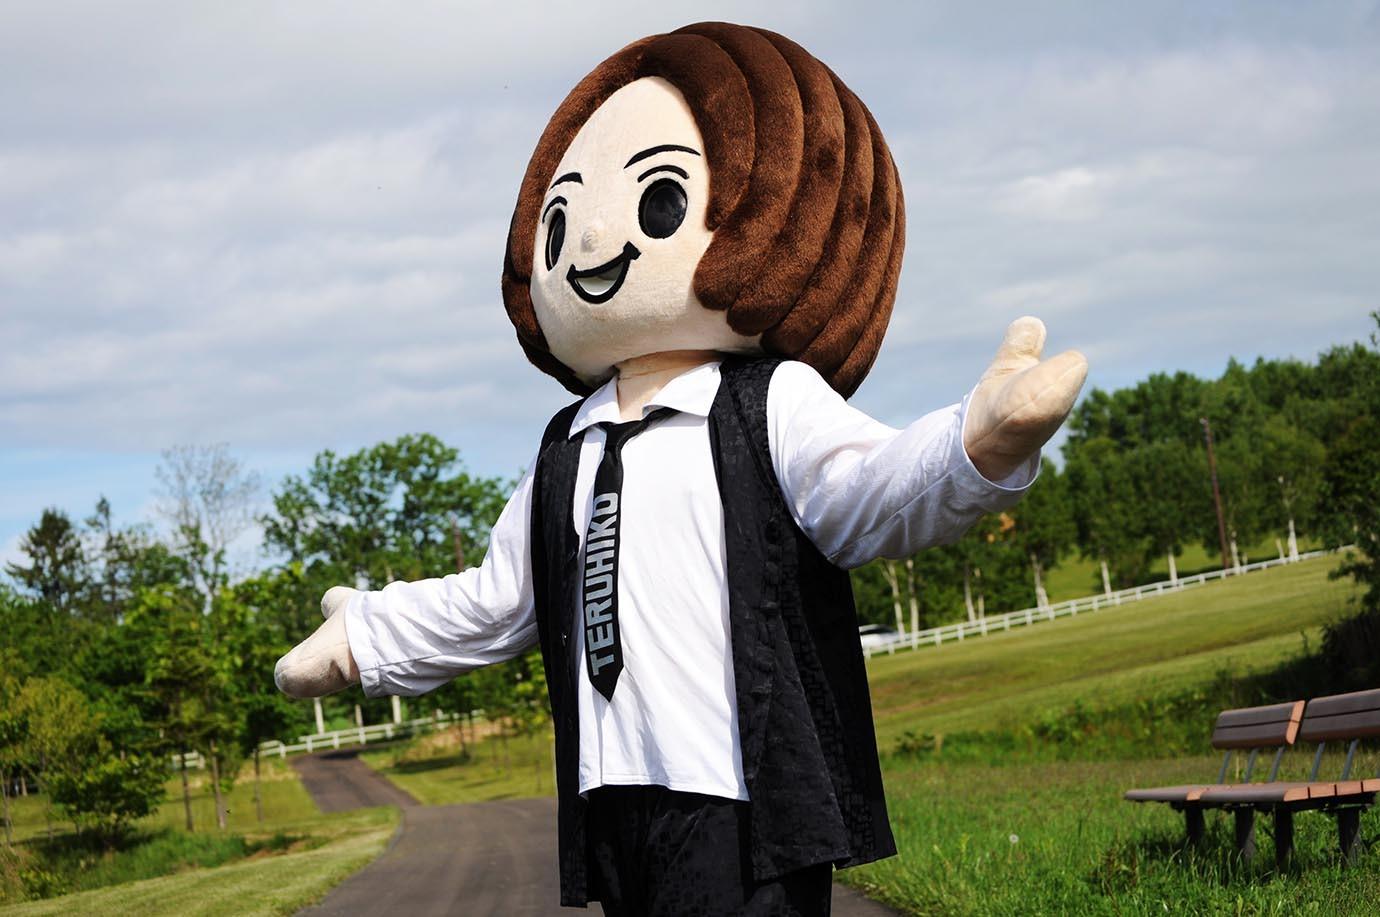 【悲報】北海道函館市のゆるキャラ「てるひこ」政治を語るwwwwwwwwwwwwwwwのサムネイル画像